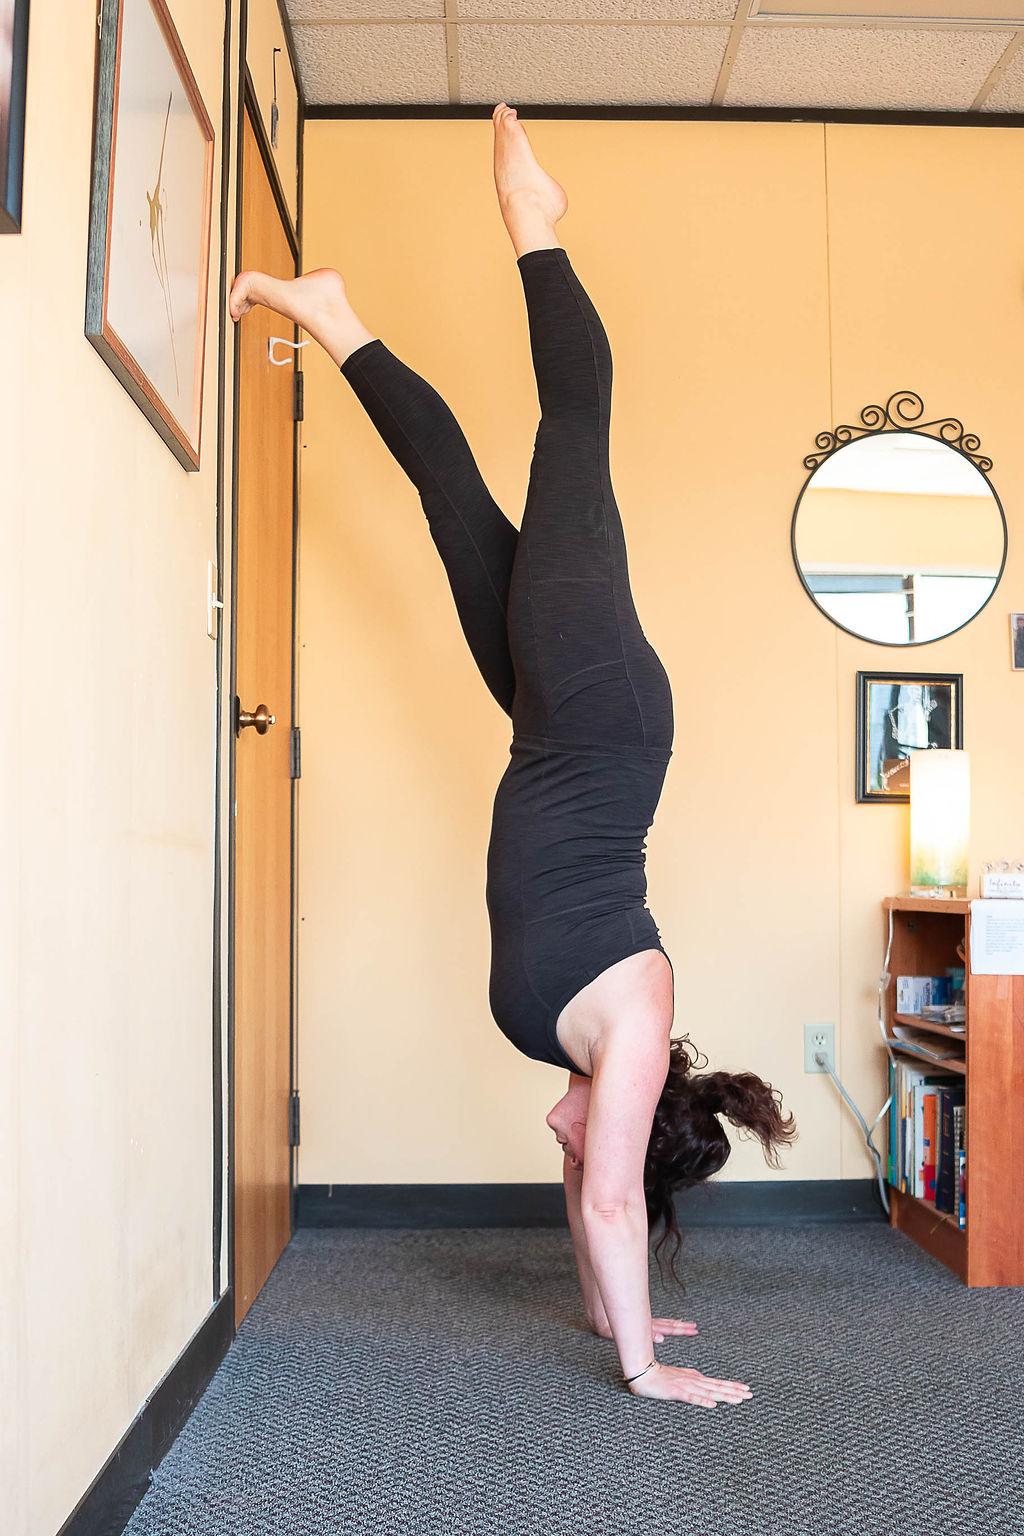 Handstand prep 4